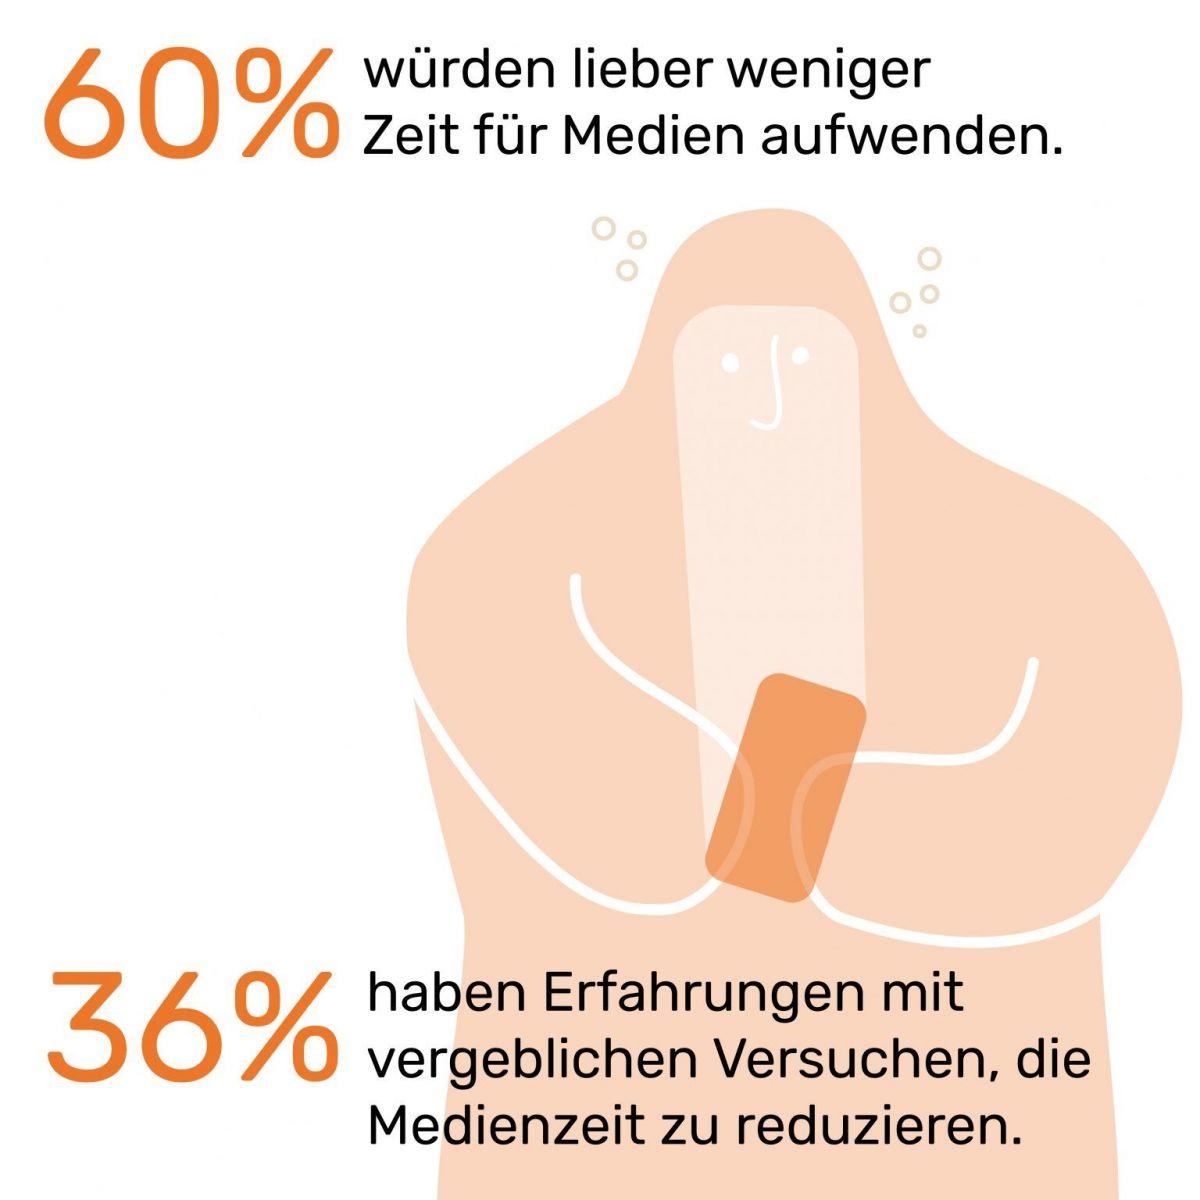 Grafische Darstellung eines Menschen mit einem Smartphone in der Hand (Foto: Grafik: AStA der FH Münster)